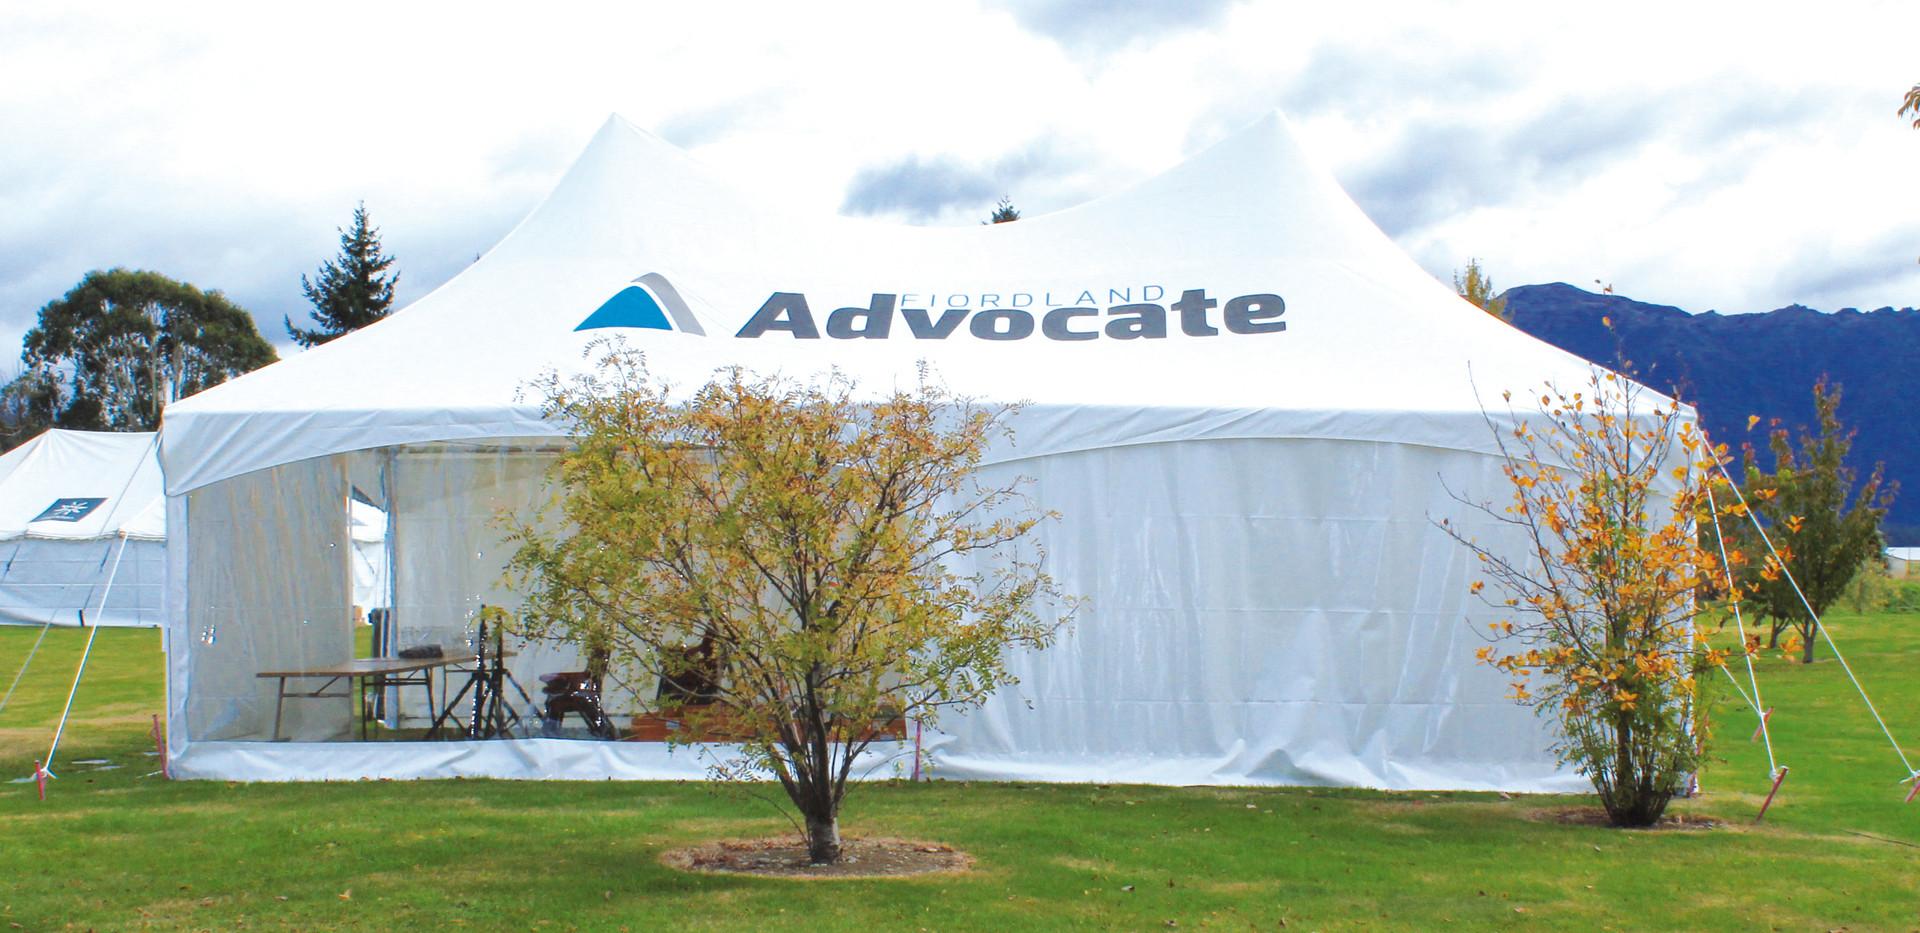 Advocate tent crrtd 140424.jpg